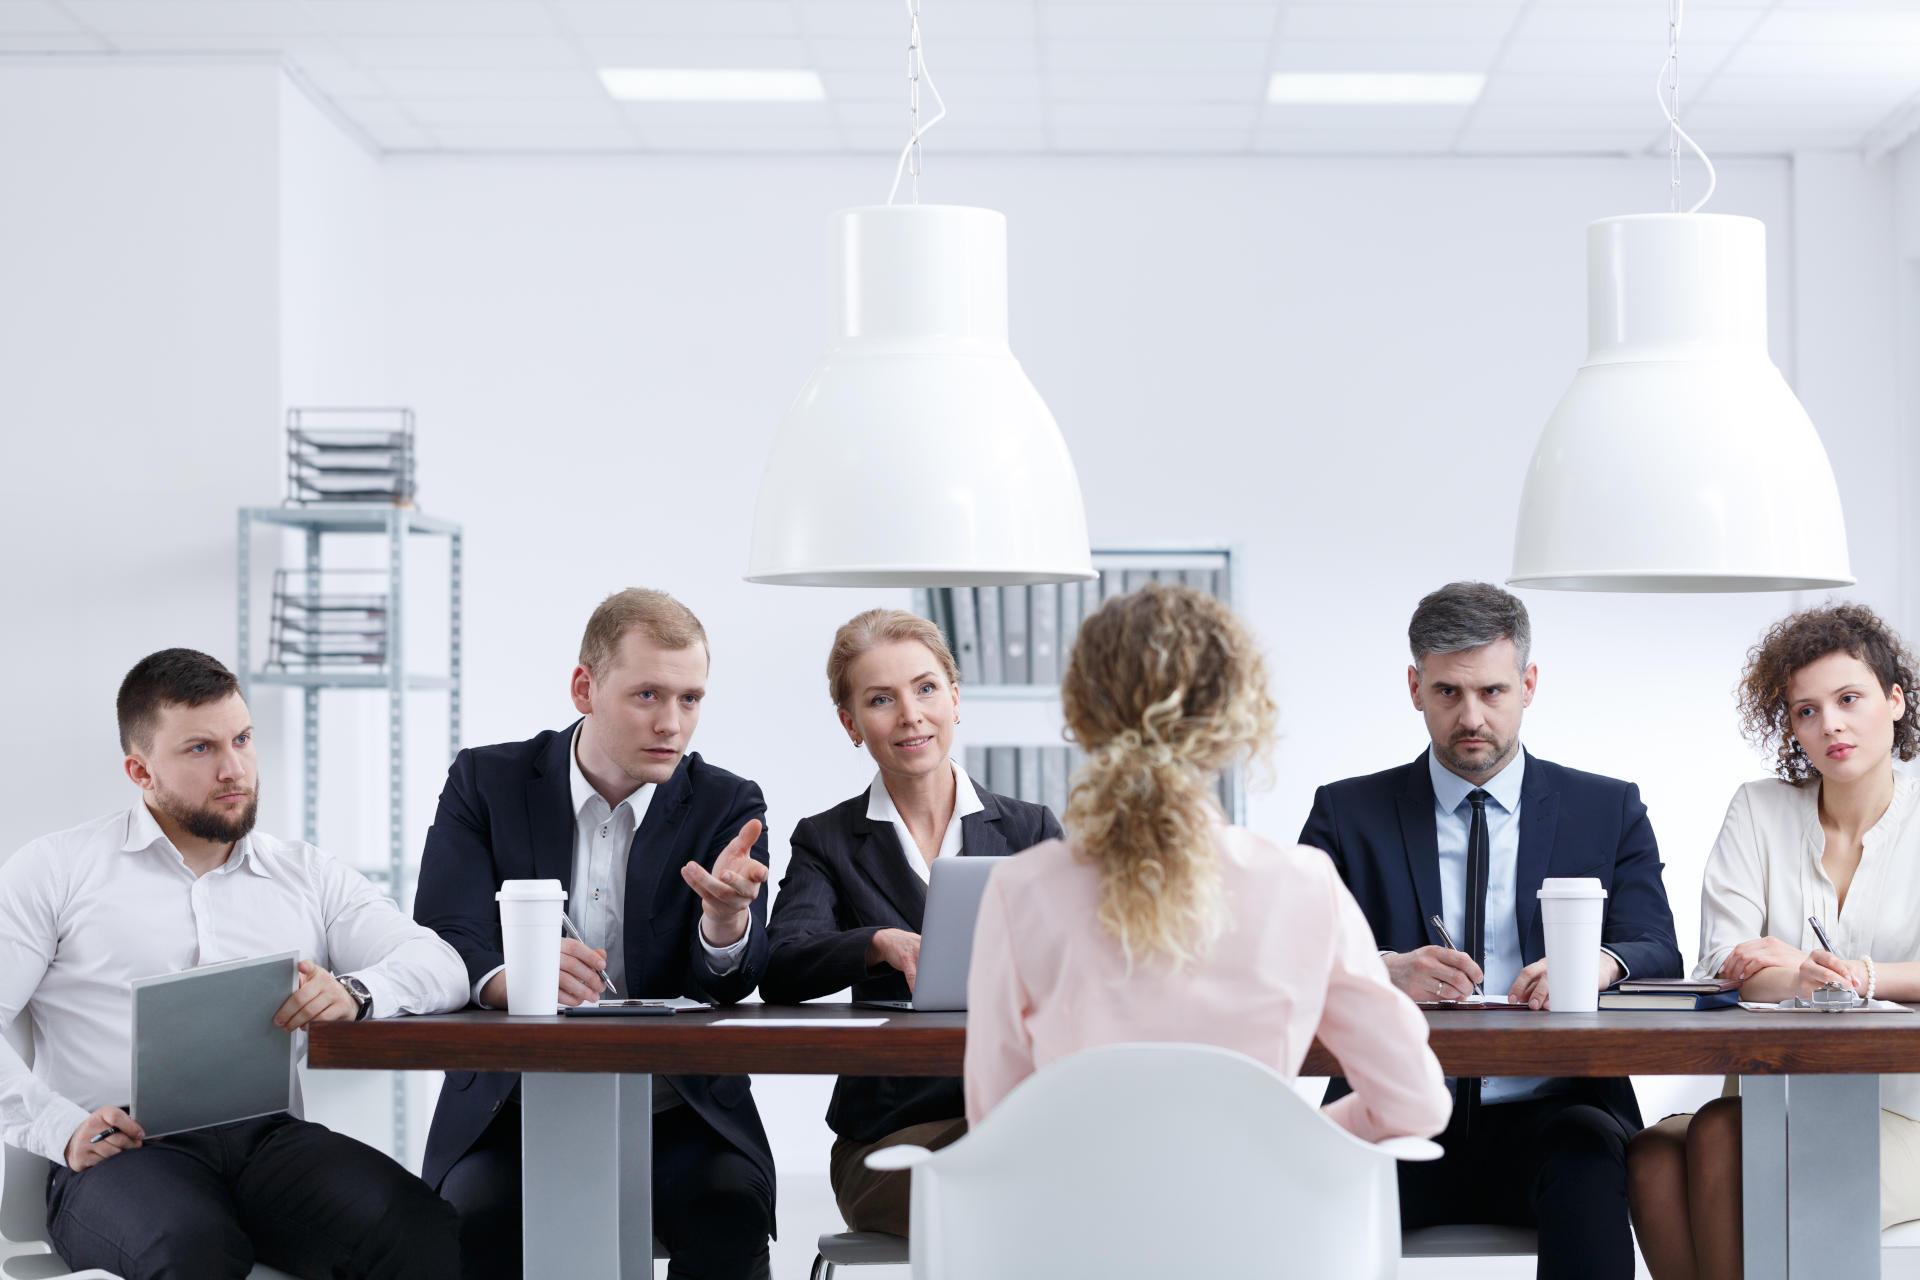 Se aplica de manera trimestral y consiste en una evaluación integral que mide las competencias y desempeño de los colaboradores en el entorno laboral. Tiene la finalidad de identificar las fortalezas y debilidades para mejorar su desempeño y comportamiento de una manera más objetiva.